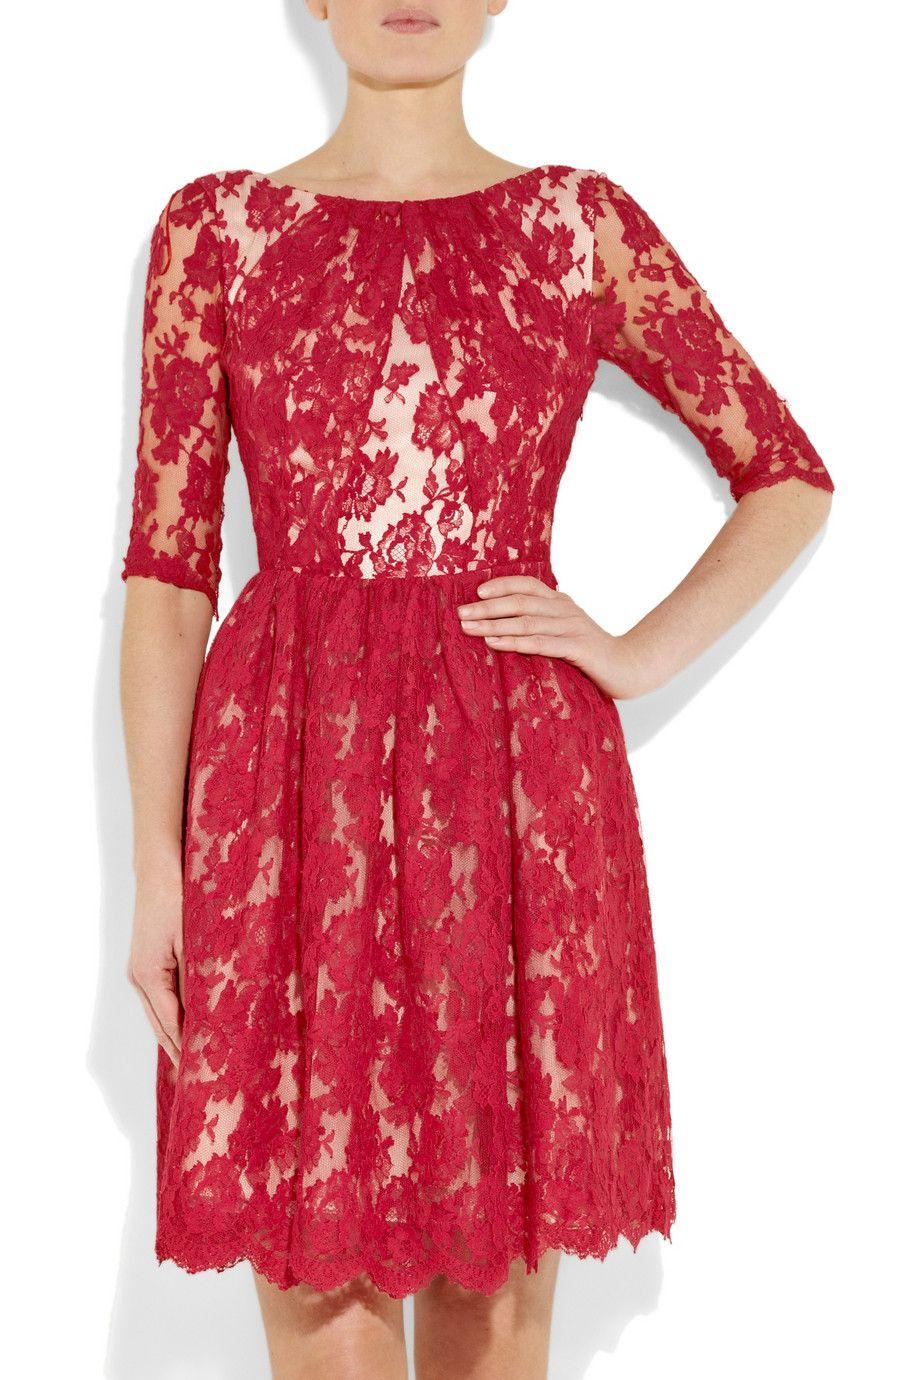 My Favorite Red Erdem Dress